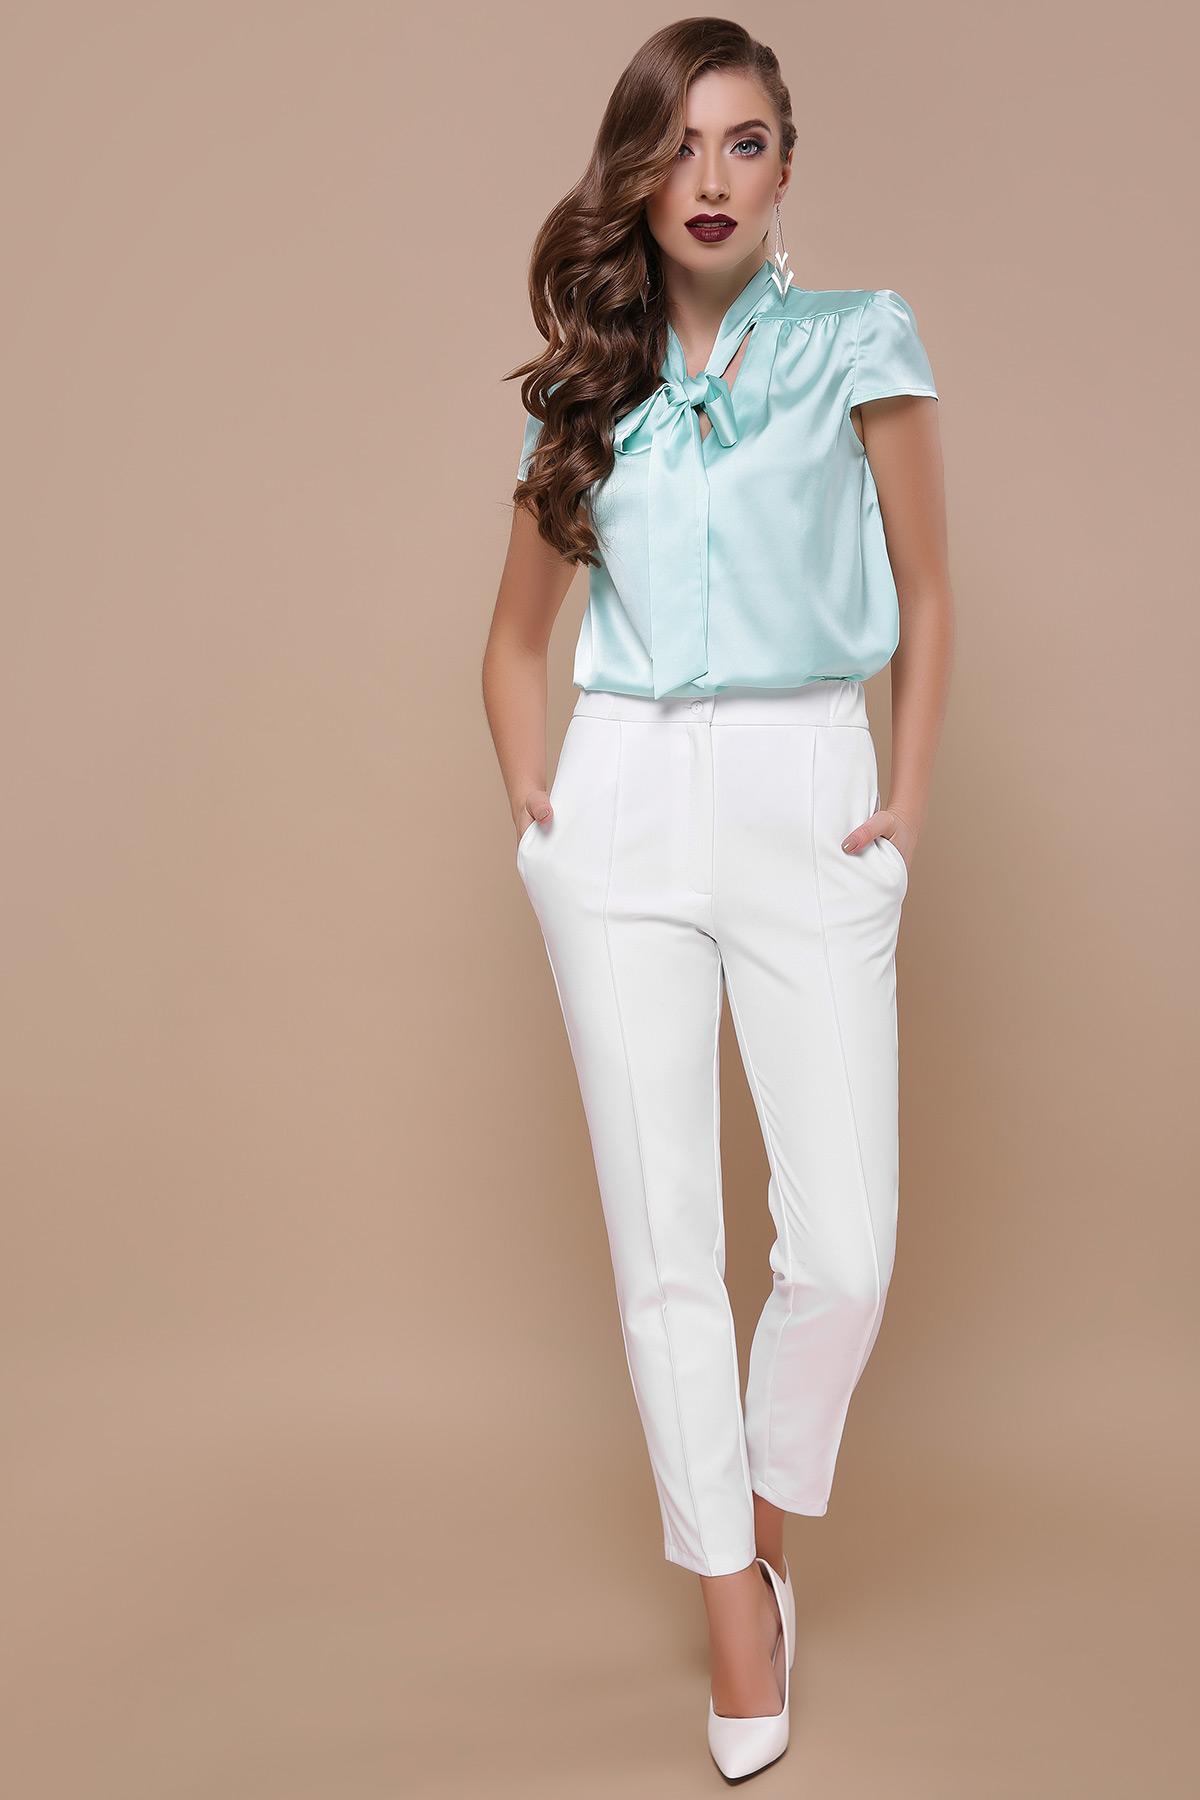 0f76798b18f Цвет  мята цена  шелковая персиковая блузка. блуза Филипа к р. Цвет  мята в  интернет-